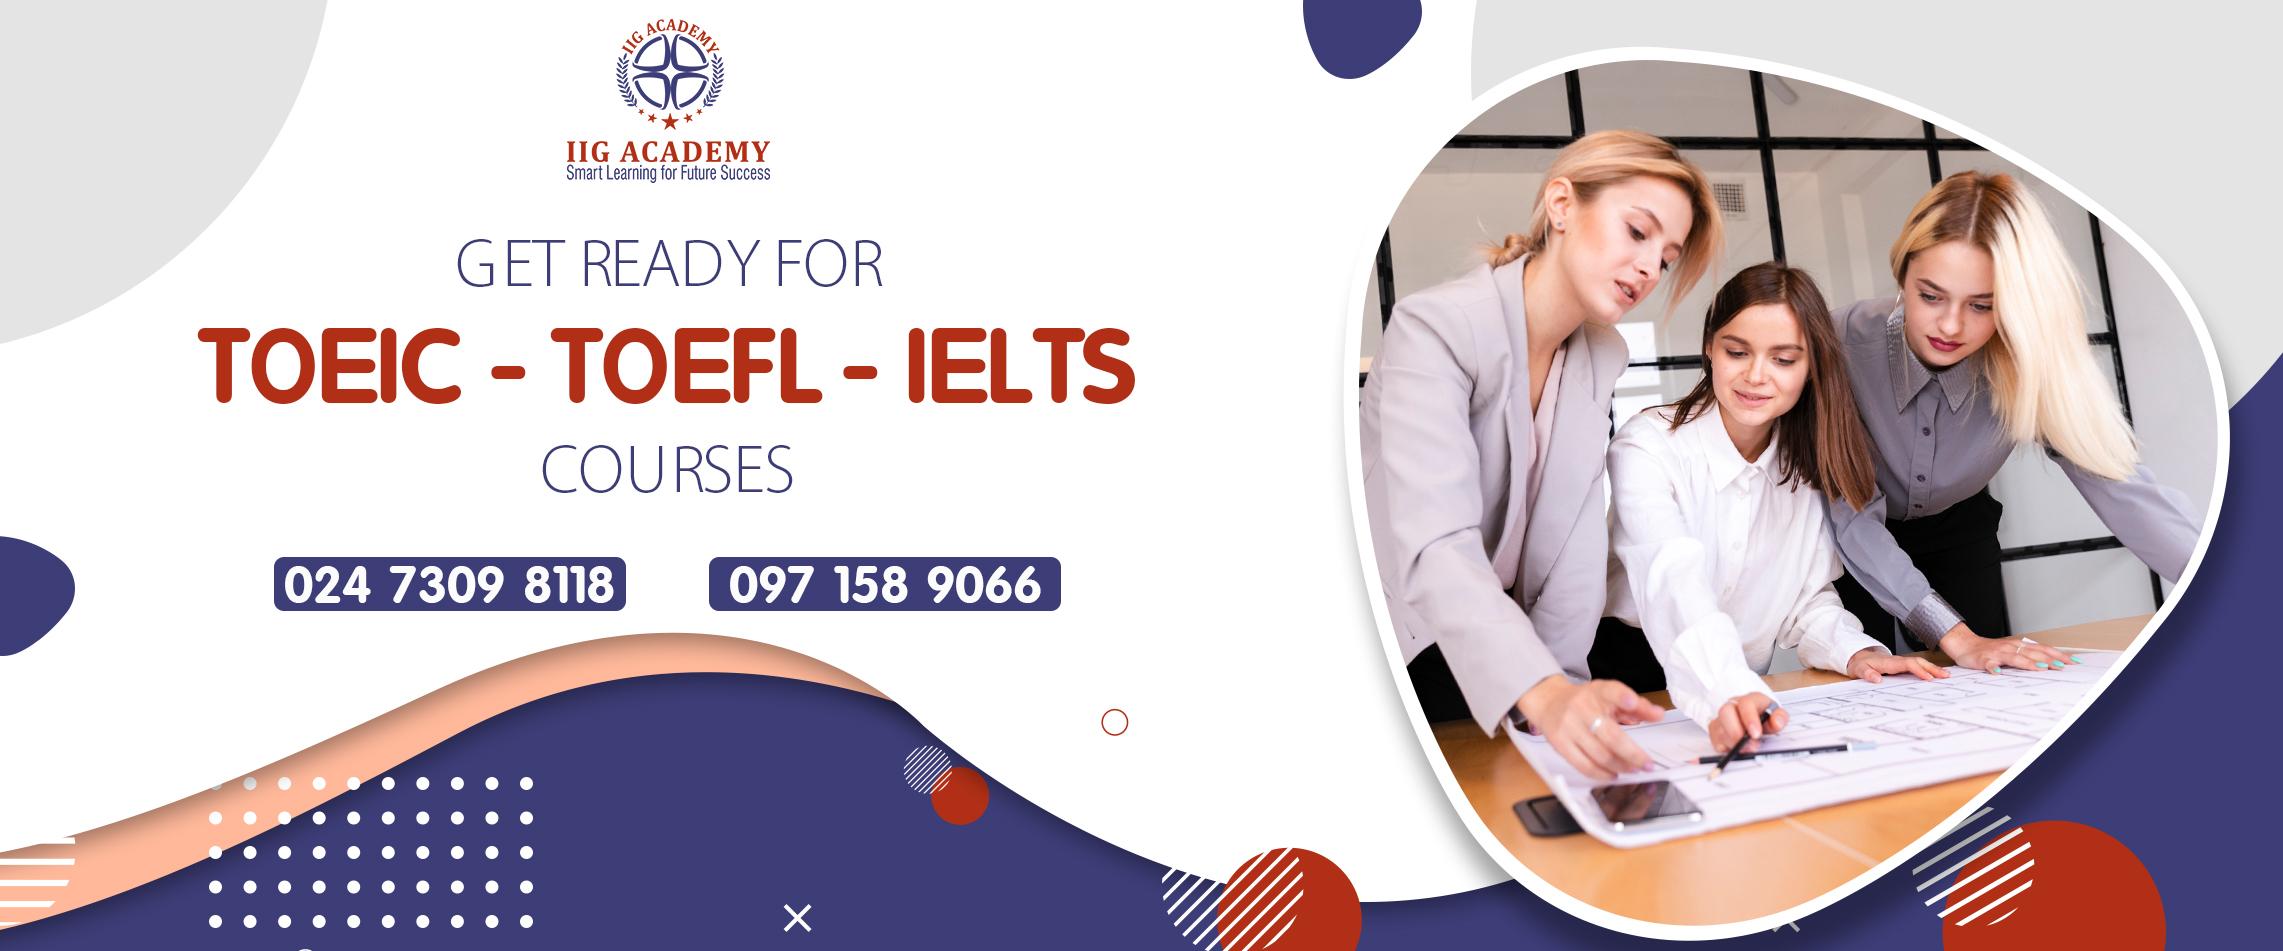 Luyện thi TOEFL & TOEFL iBT